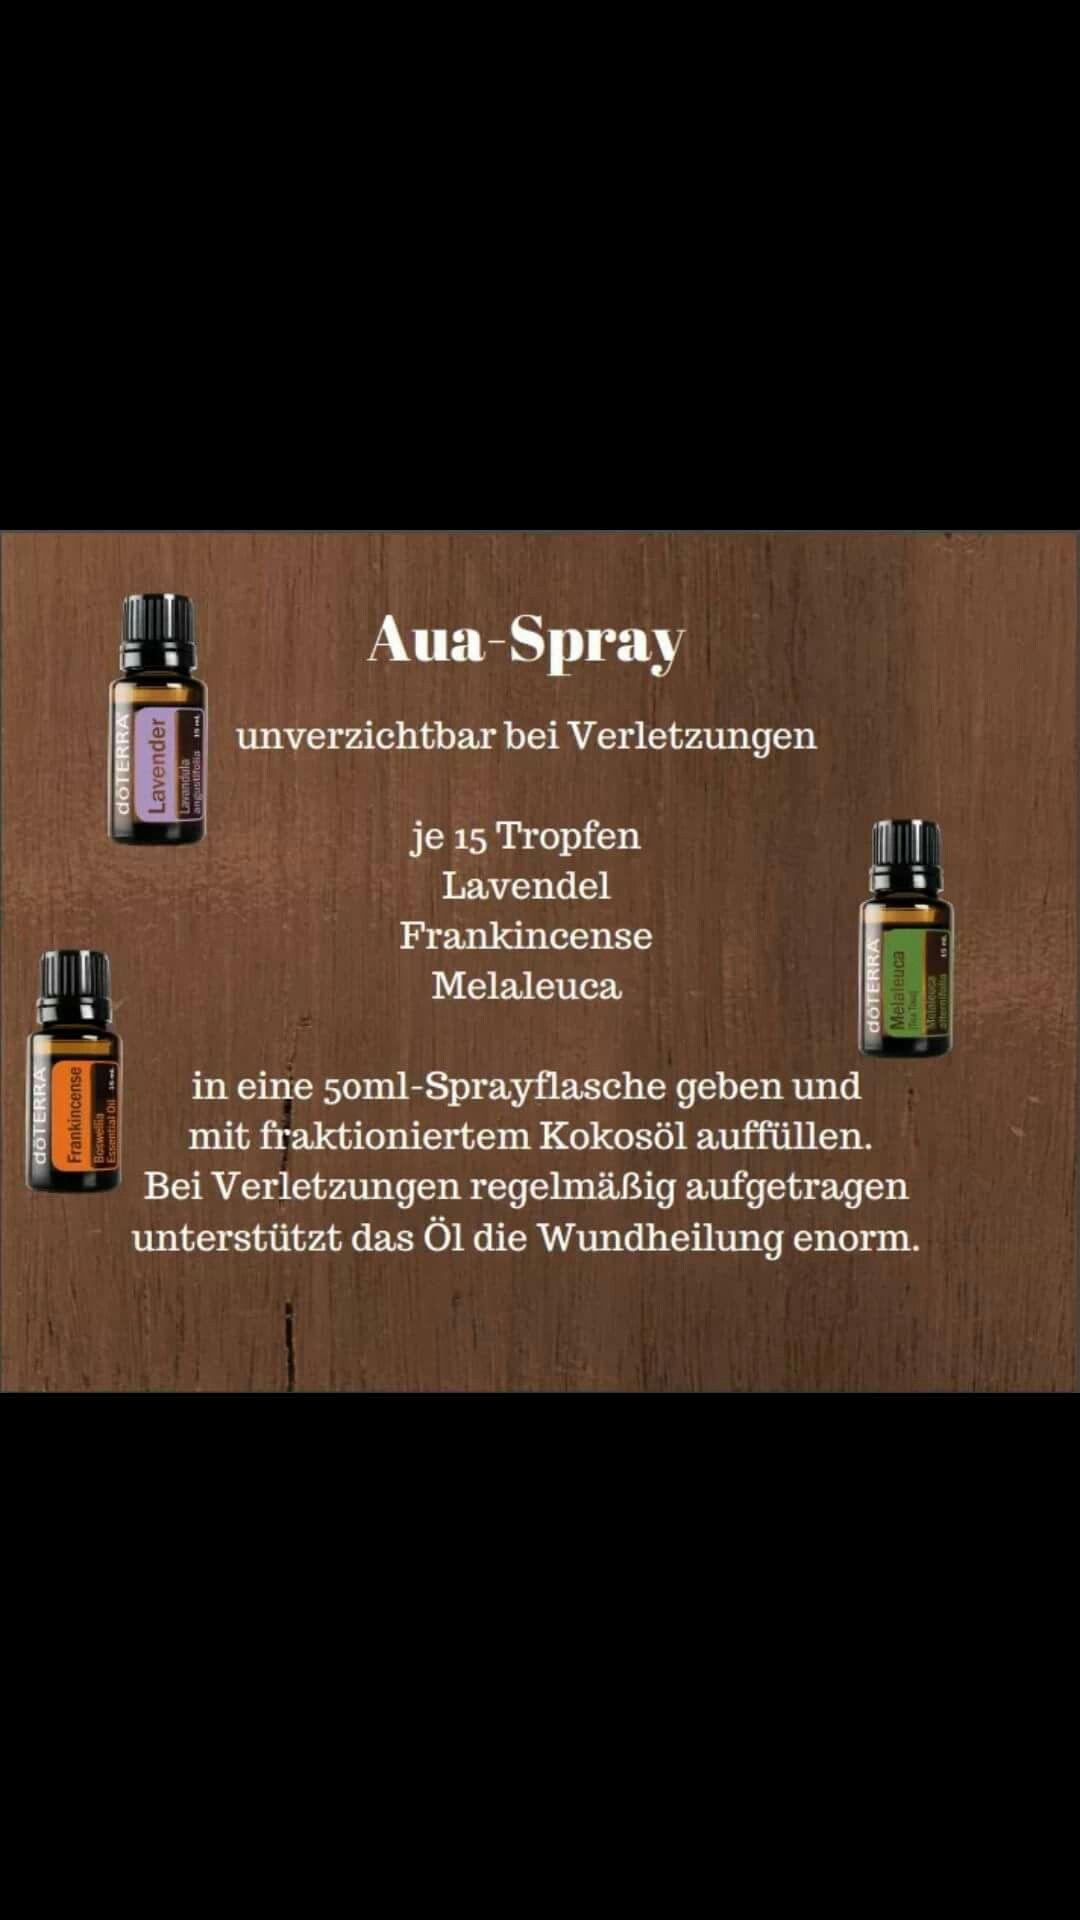 Aua Spray Doterra Hilft Wahre Wunder Bei Kleinen Und Grosseren